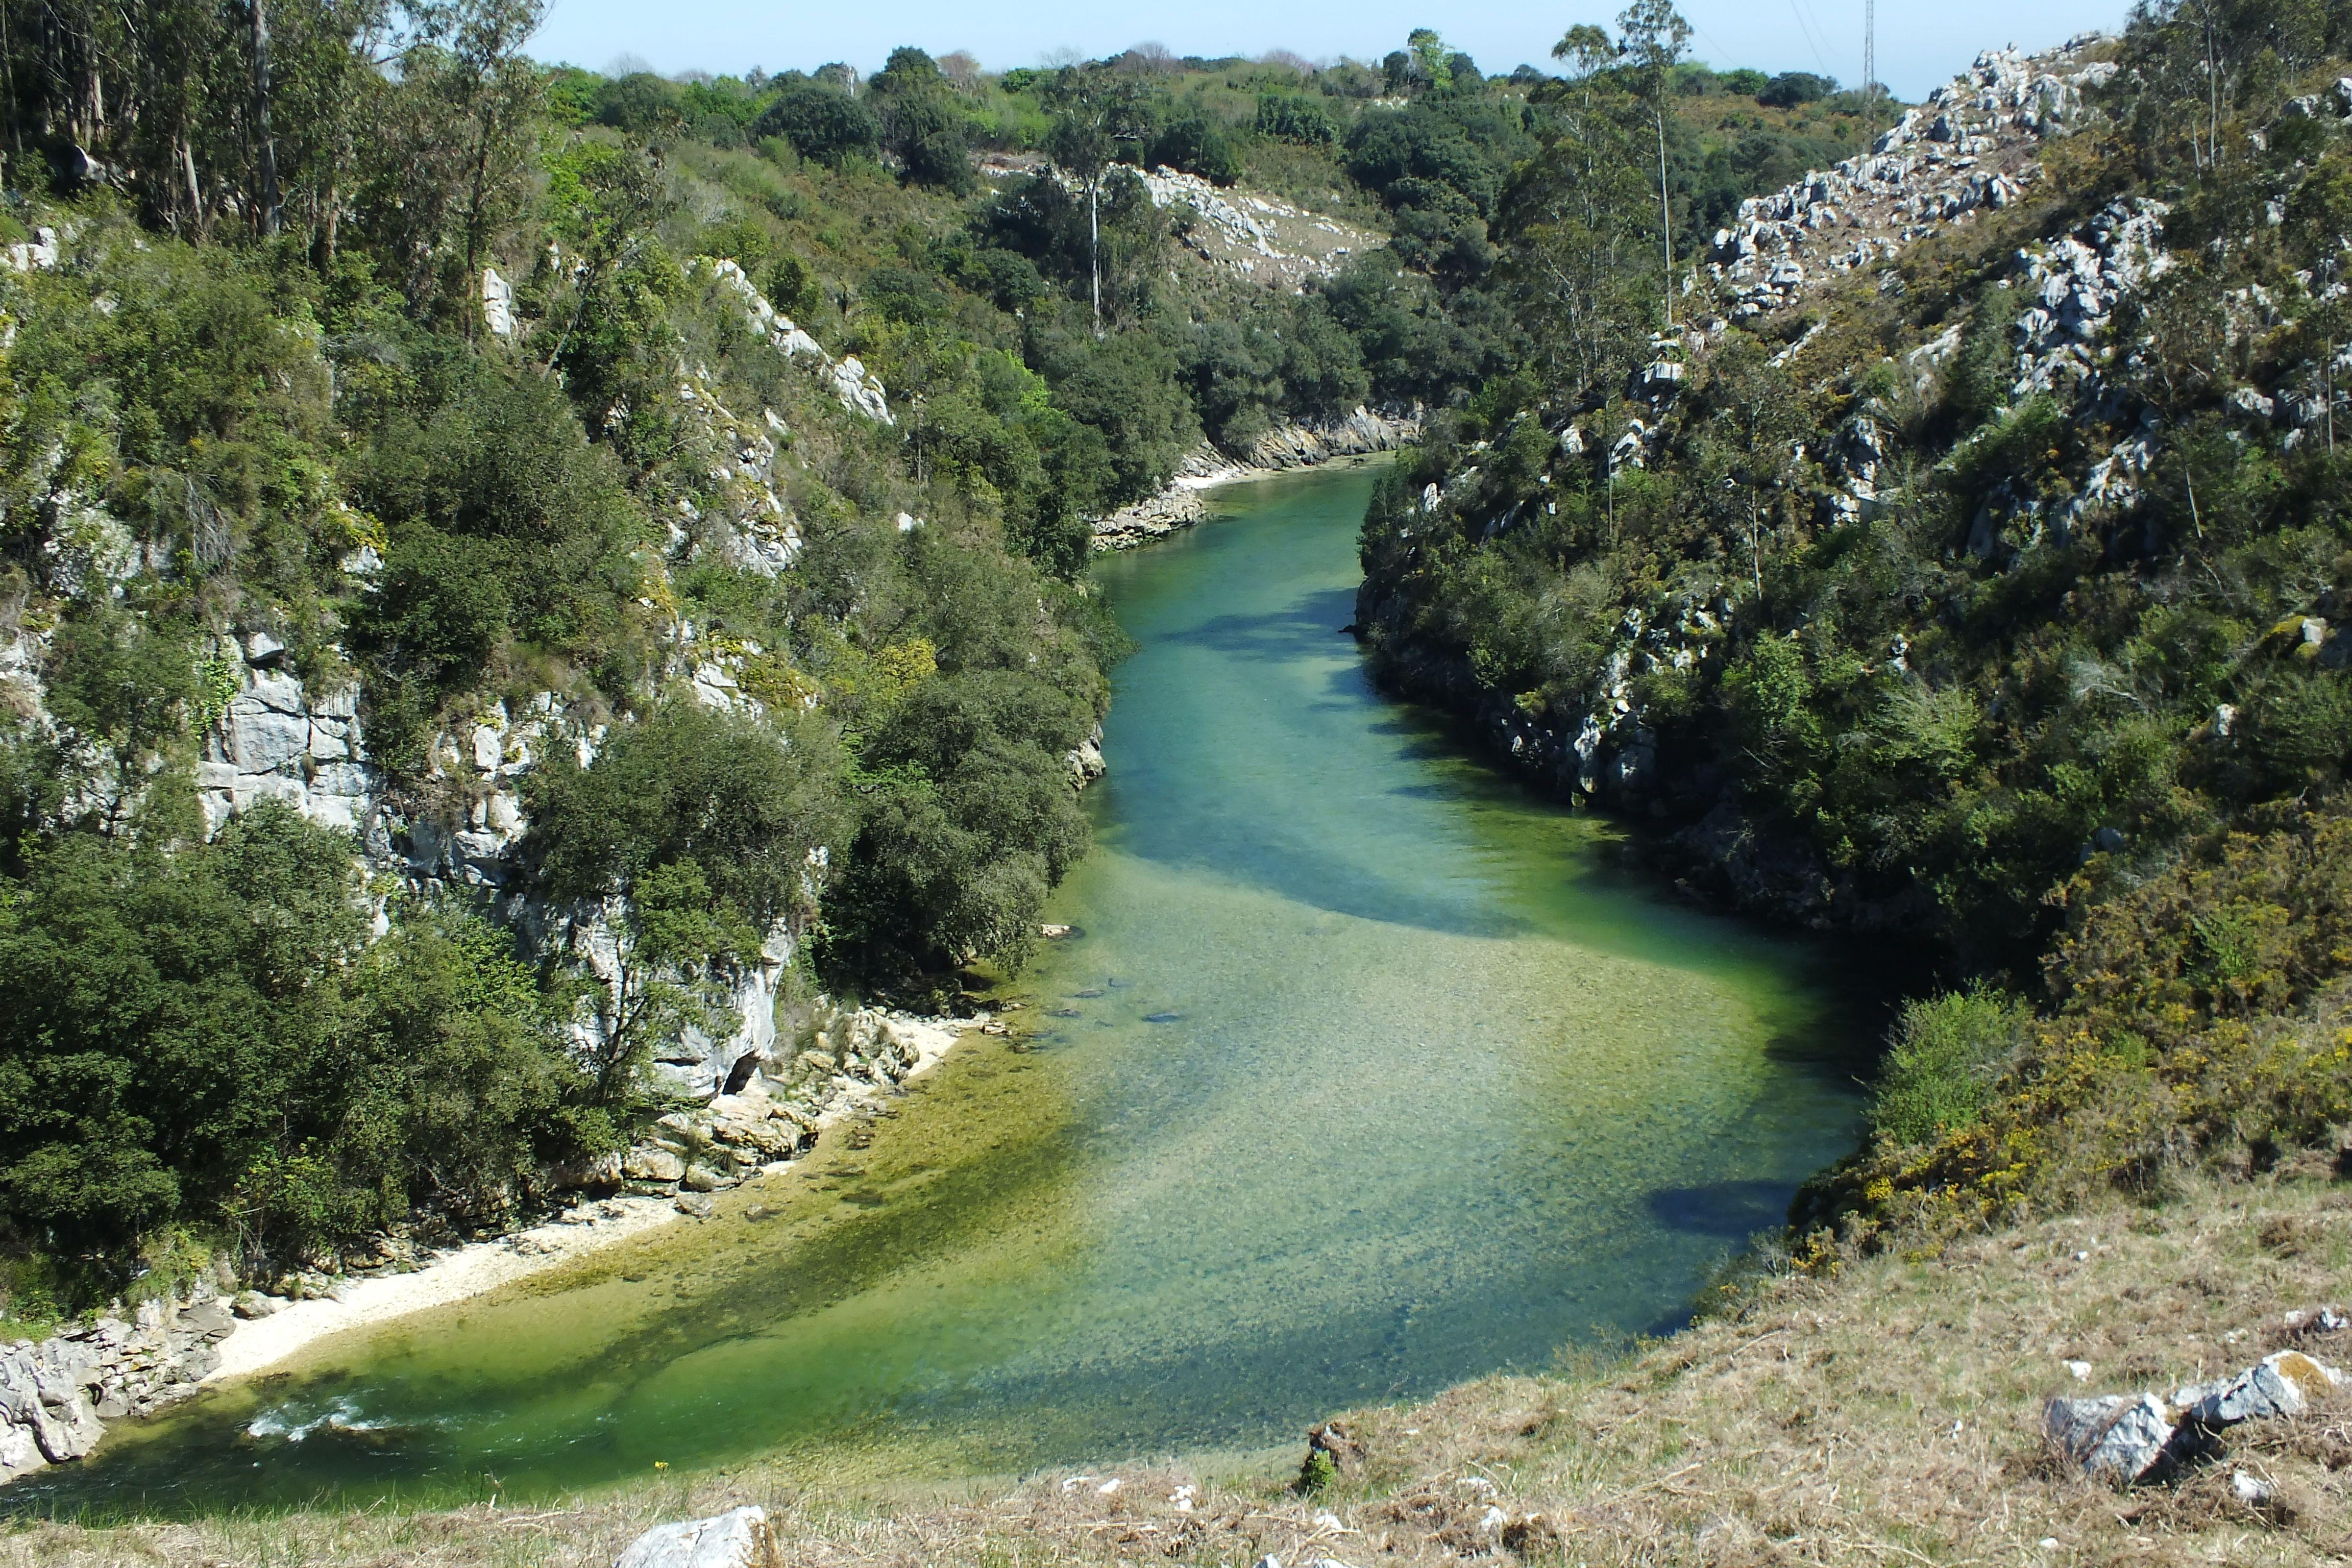 Rio Purón Muy Cerca De Su Desenbocadura En El Mar Cantabrico Andrín Puertas De Vidiago Concejo De Llanes Principado De Asturias Spain Outdoor Water River